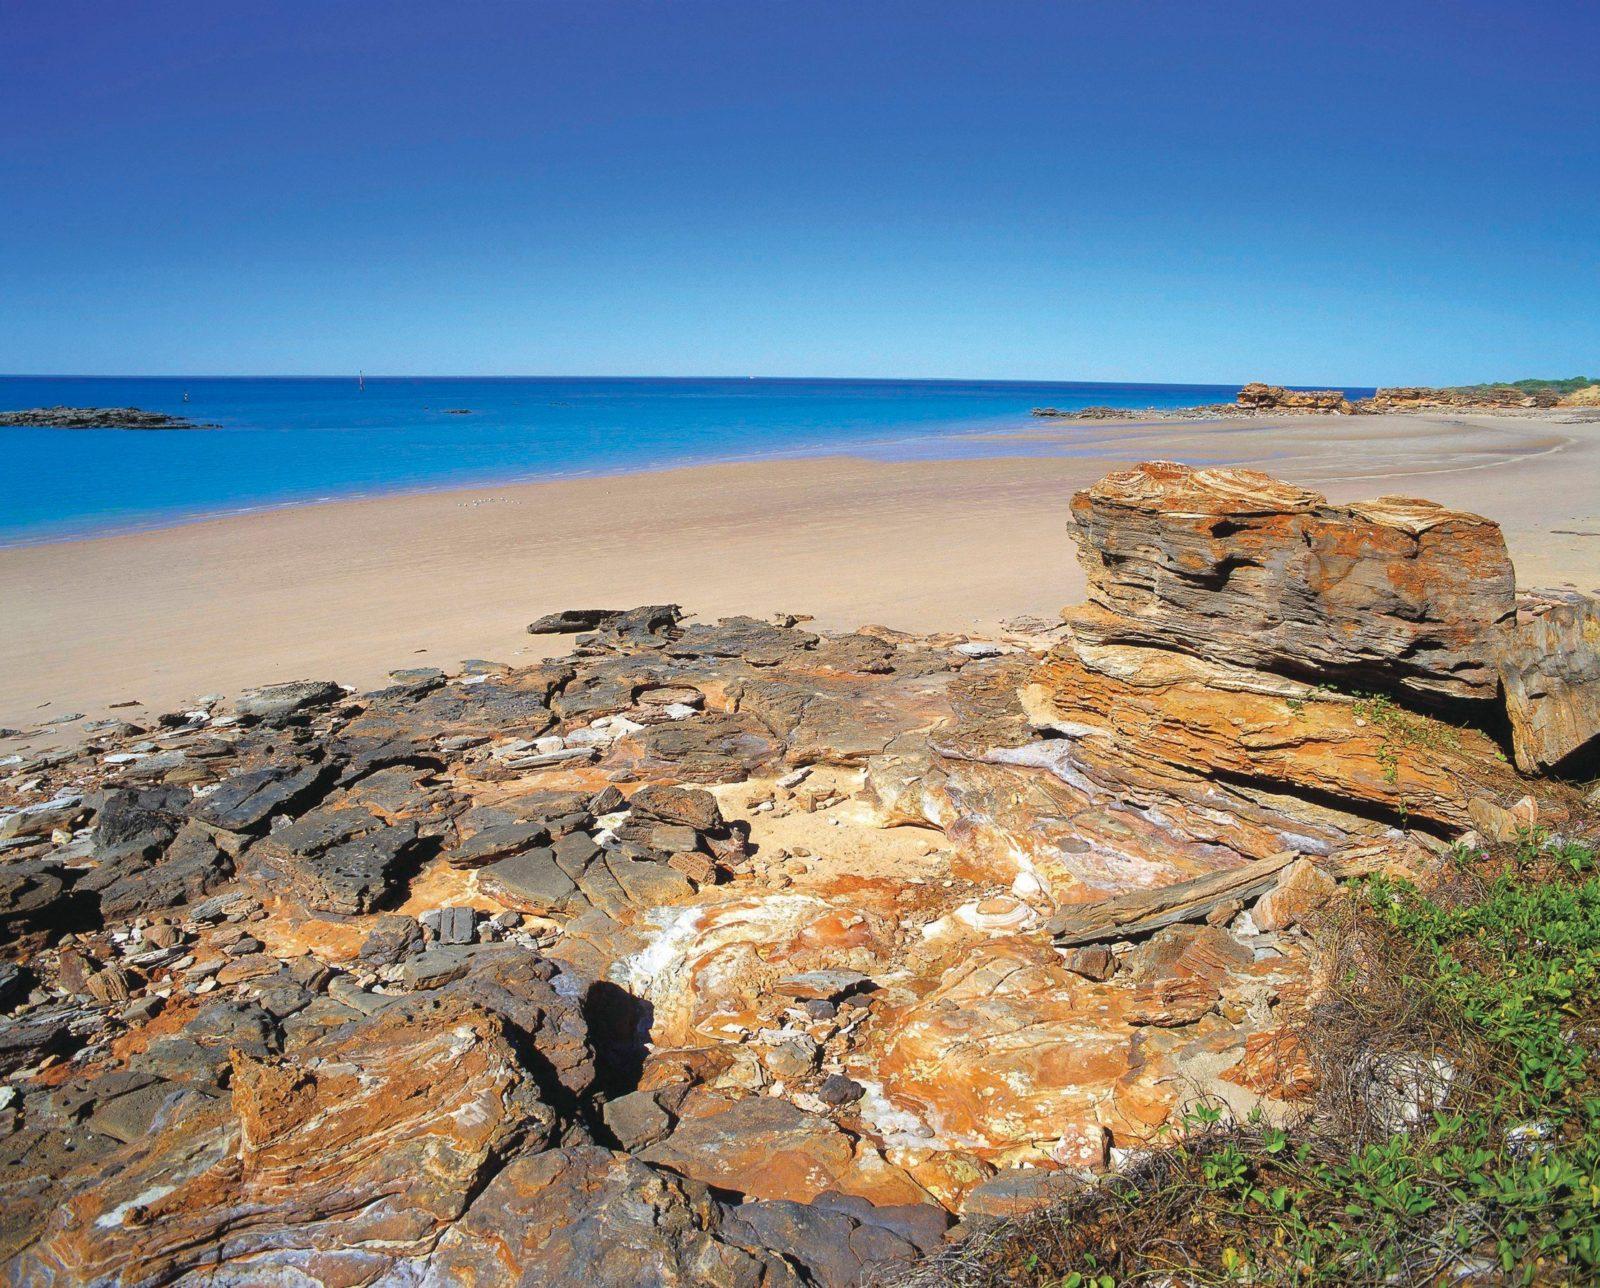 Reddell Beach, Minyirr, Western Australia